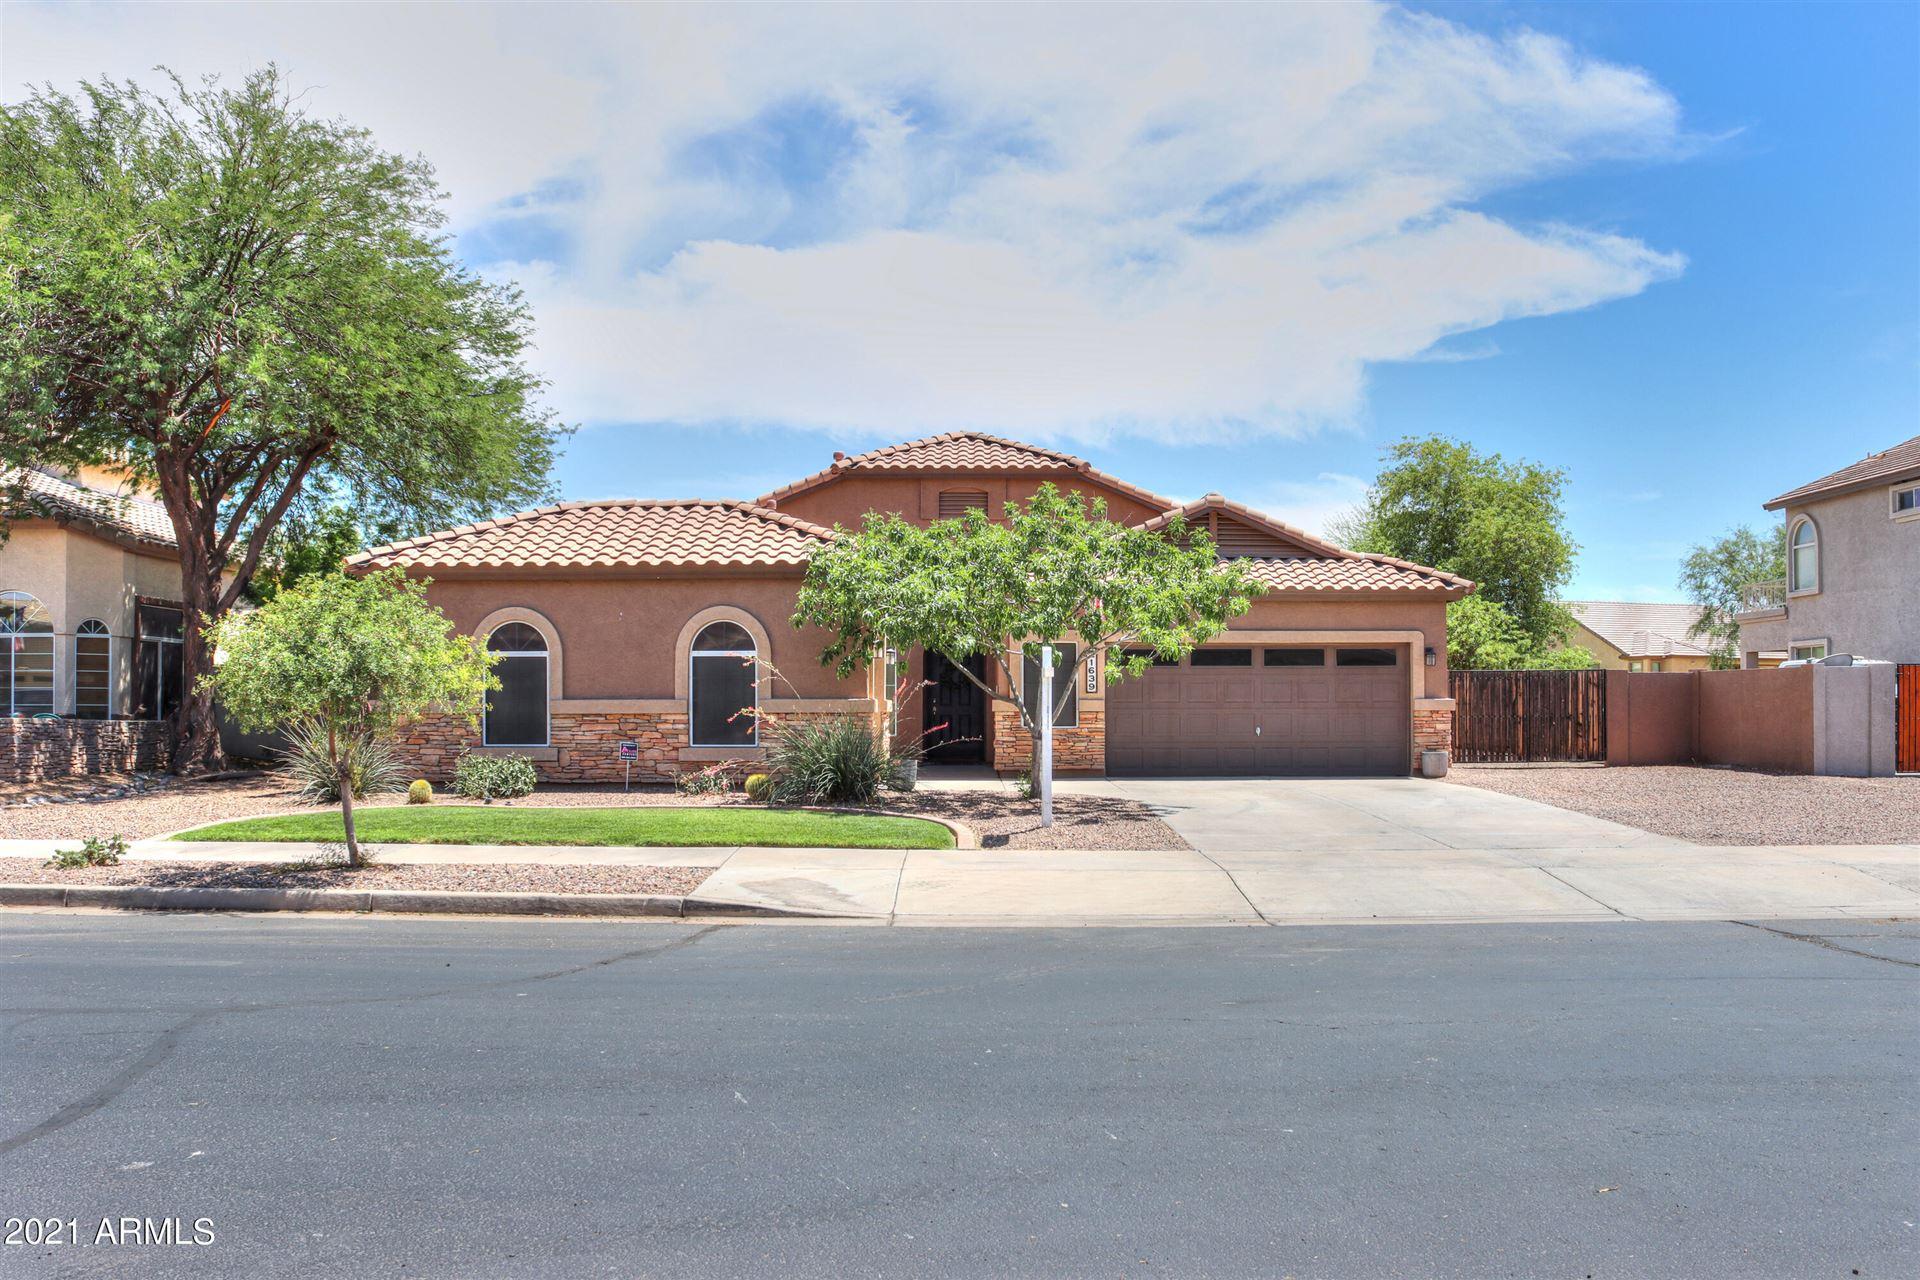 Photo of 21639 E Calle De Flores --, Queen Creek, AZ 85142 (MLS # 6247866)